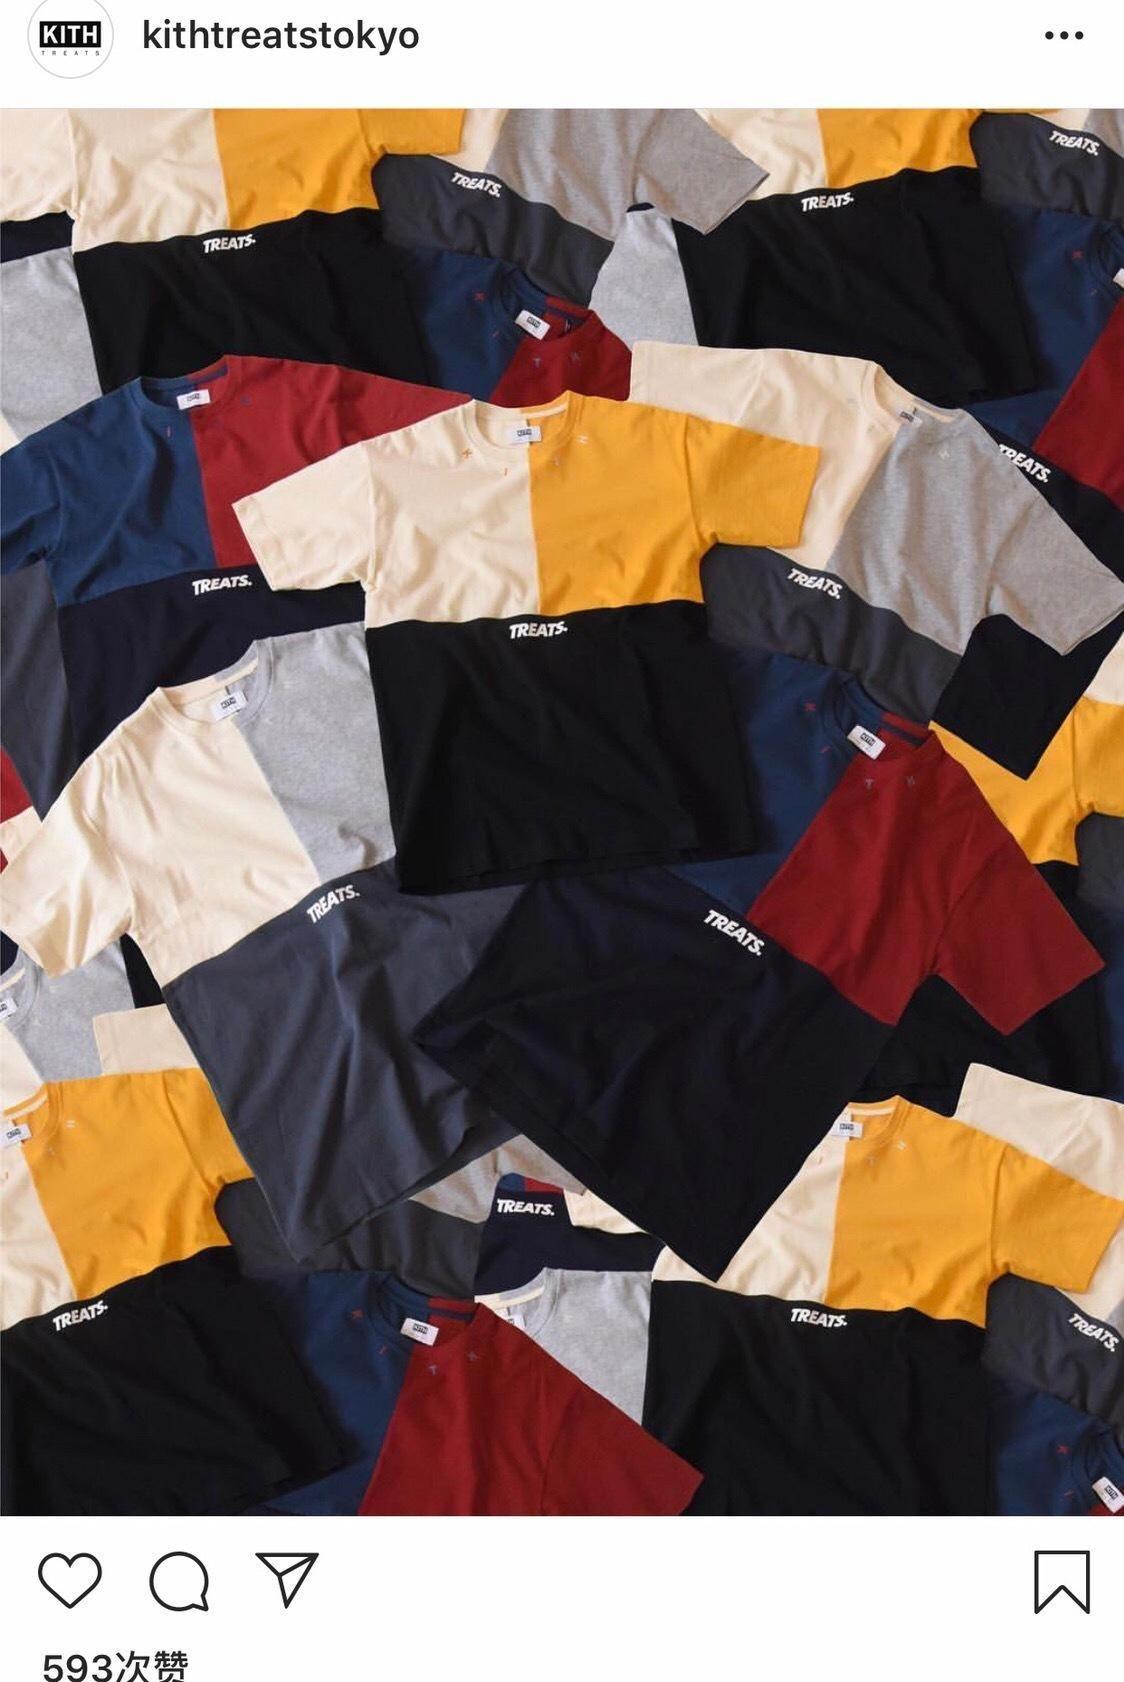 19SS KT Patchwork T mit kurzen Ärmeln Mode-T-Shirts Männer Frauen-Sommer-beiläufige Männer-T-Shirts Hip Hop-Straße Skateboard T-Shirt HFYMTX167